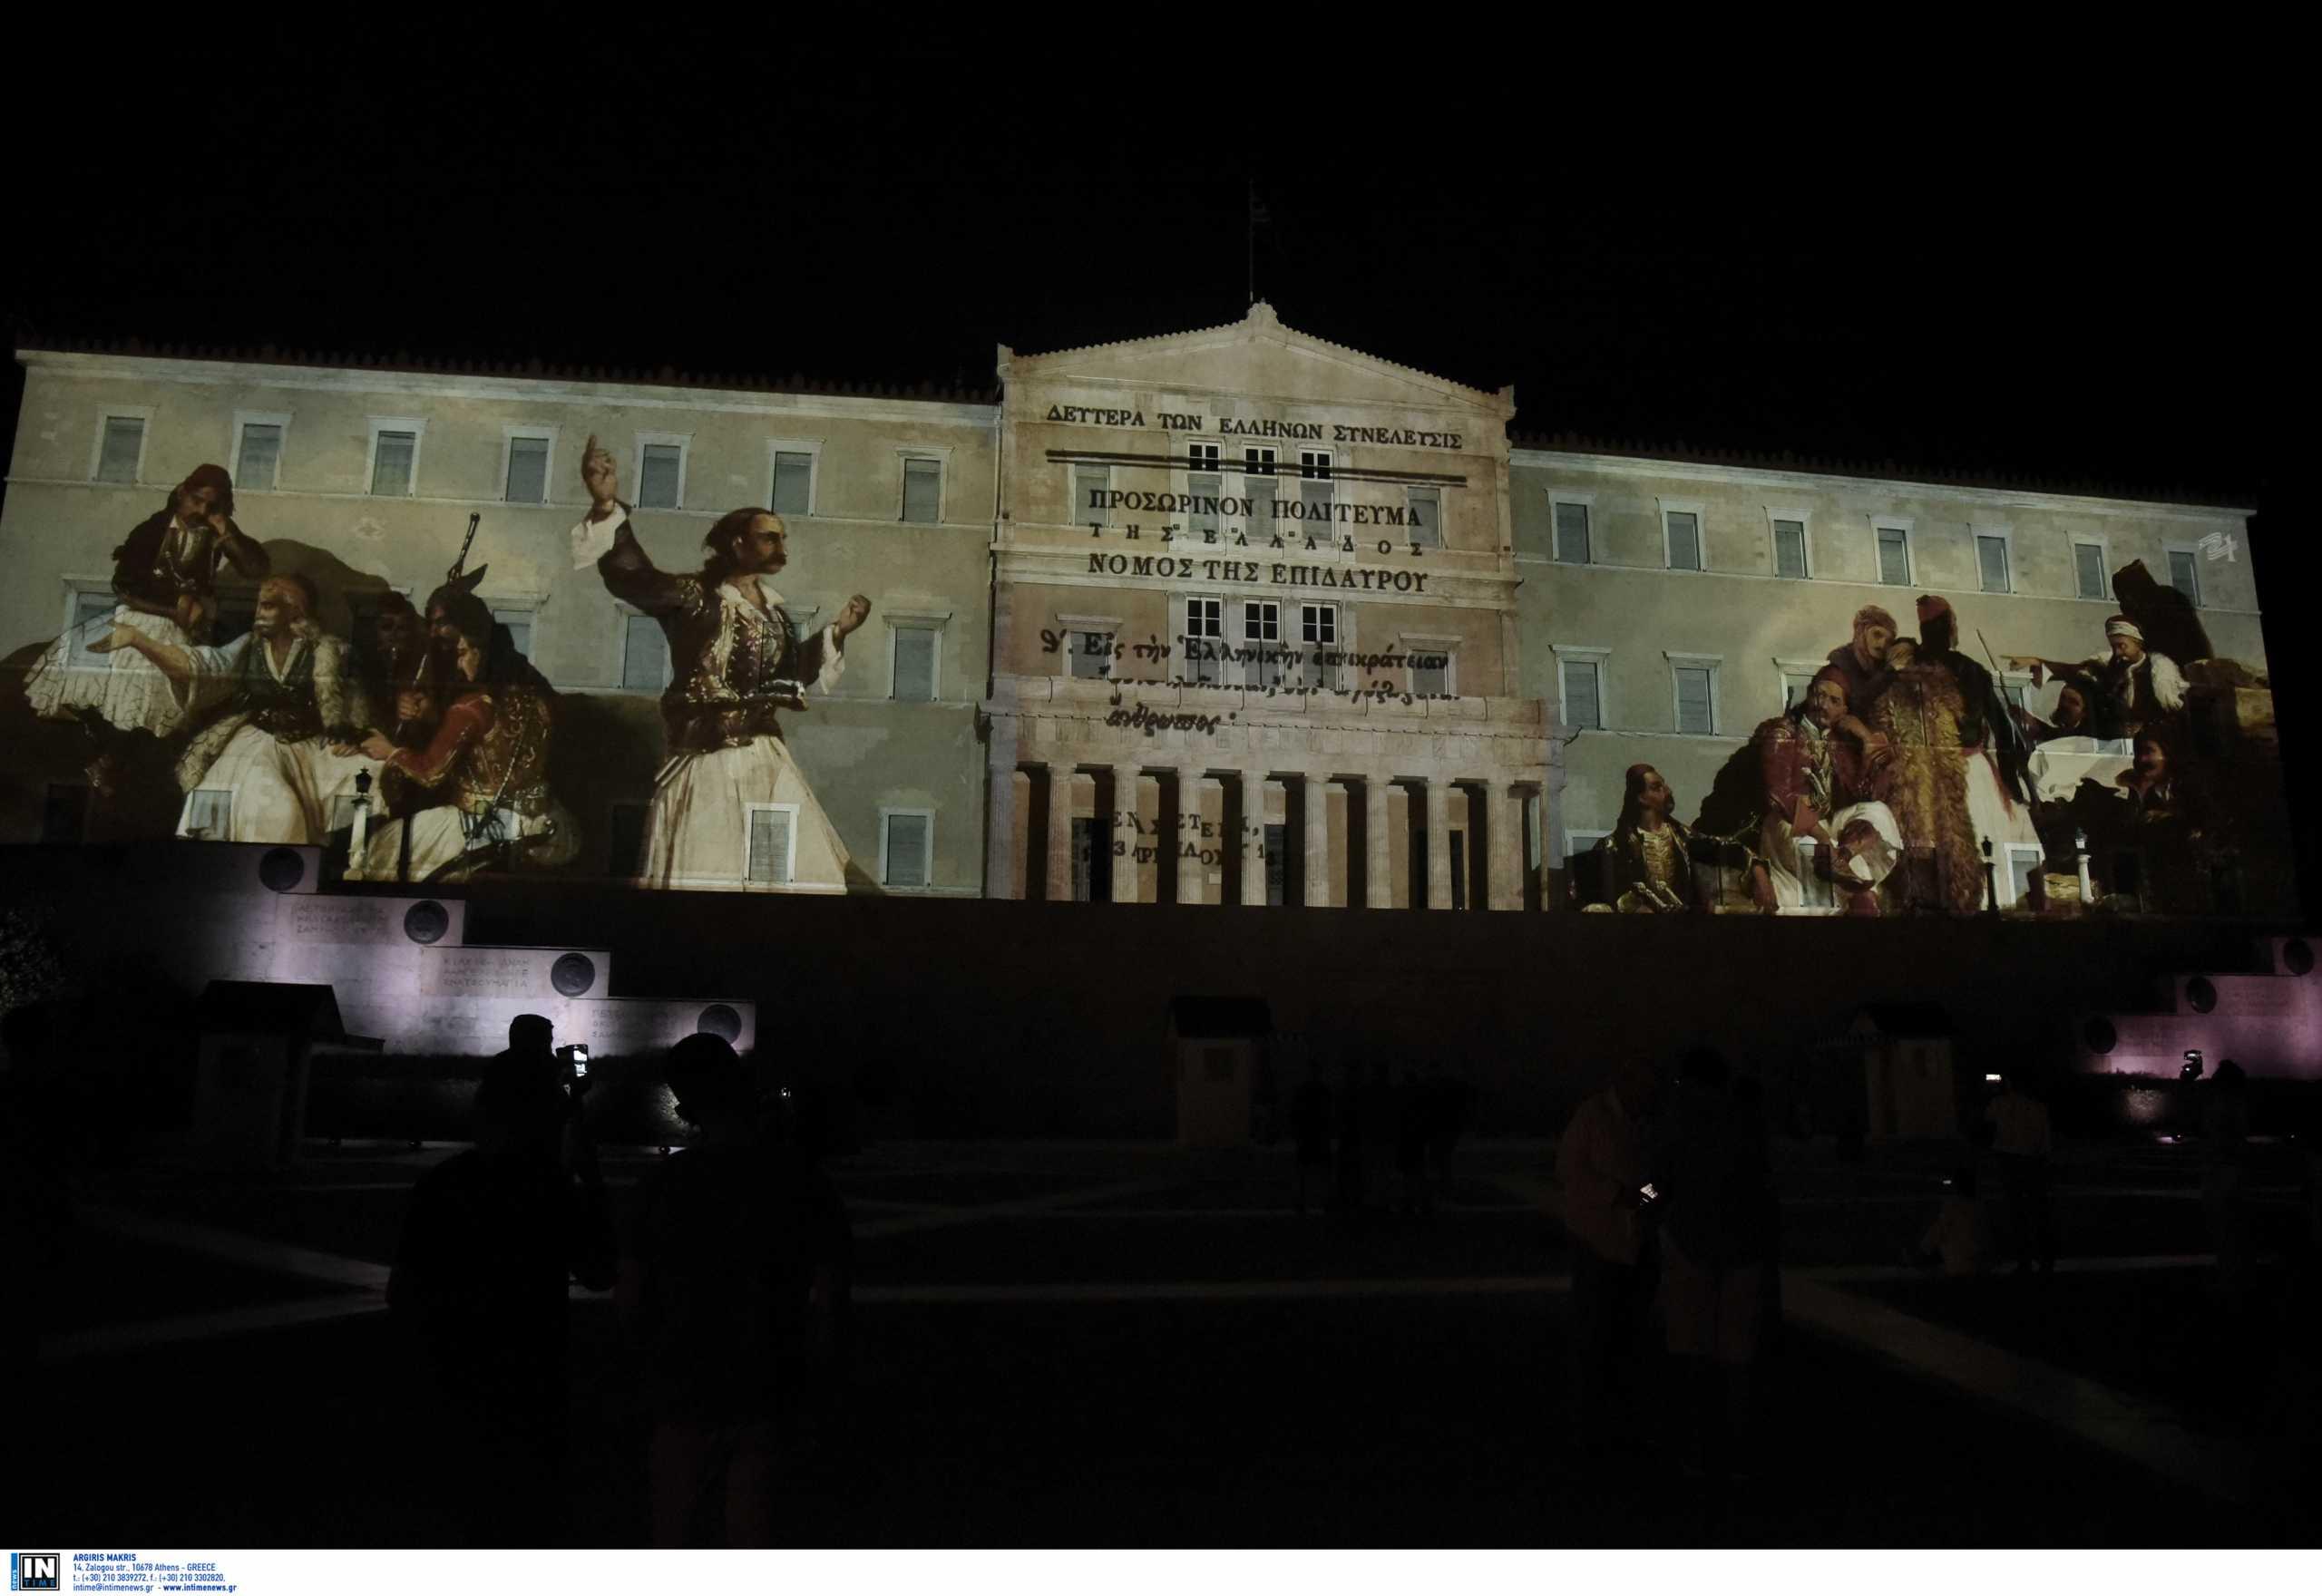 Επιθυμία ελευθερίας: Φαντασμαγορικό θέαμα σε 18 πόλεις χθες και σήμερα για την Ελληνική Επανάσταση